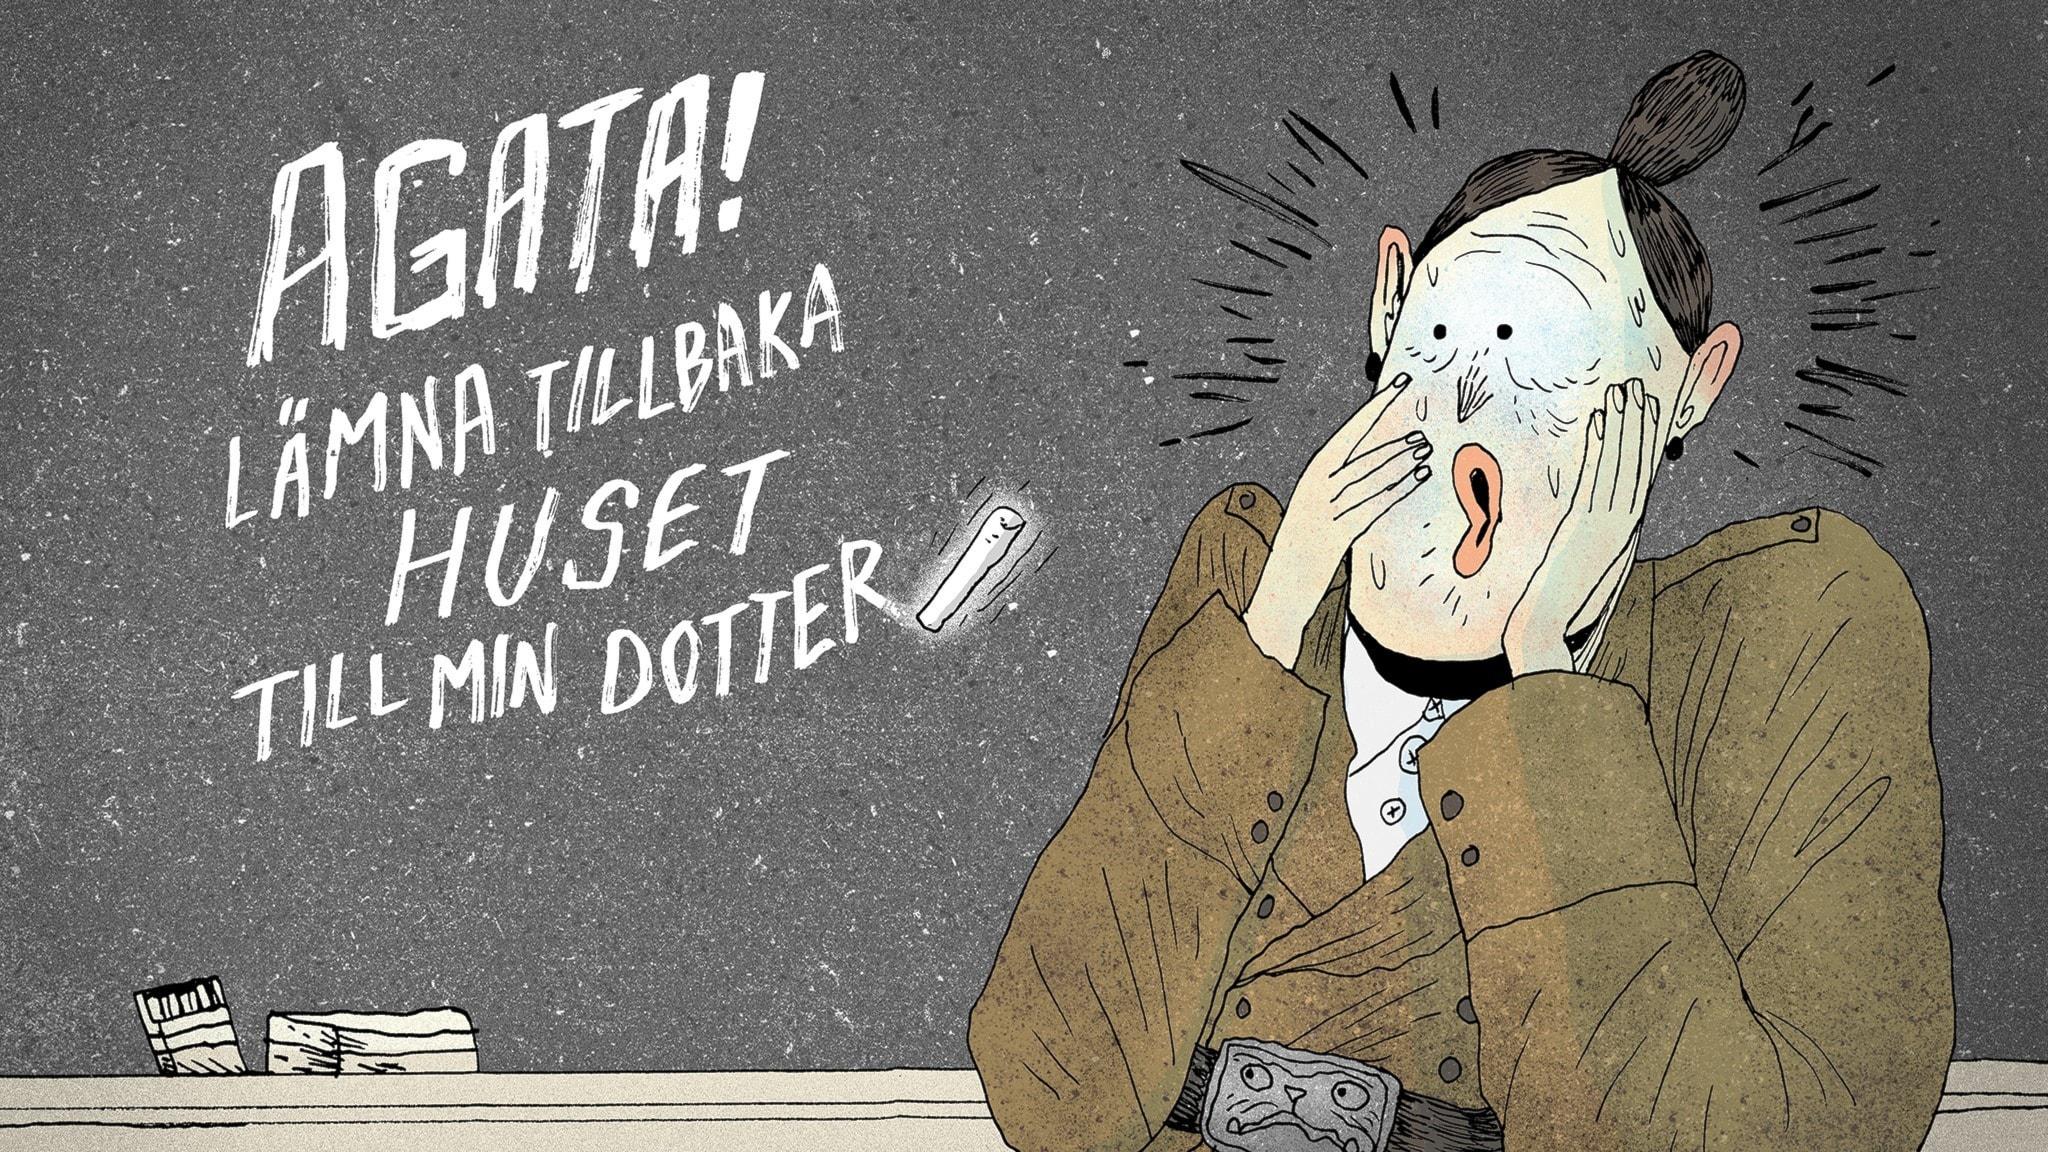 """En krita som svävar i luften skriver ett meddelande på svarta tavlan i Fröken Honungs klassrum. Det står """"Agata! Lämna tillbaka huset till min dotter"""". Fröken Domderasson läser orden och blir helt förskräckt. Bild: Erik Svetoft"""